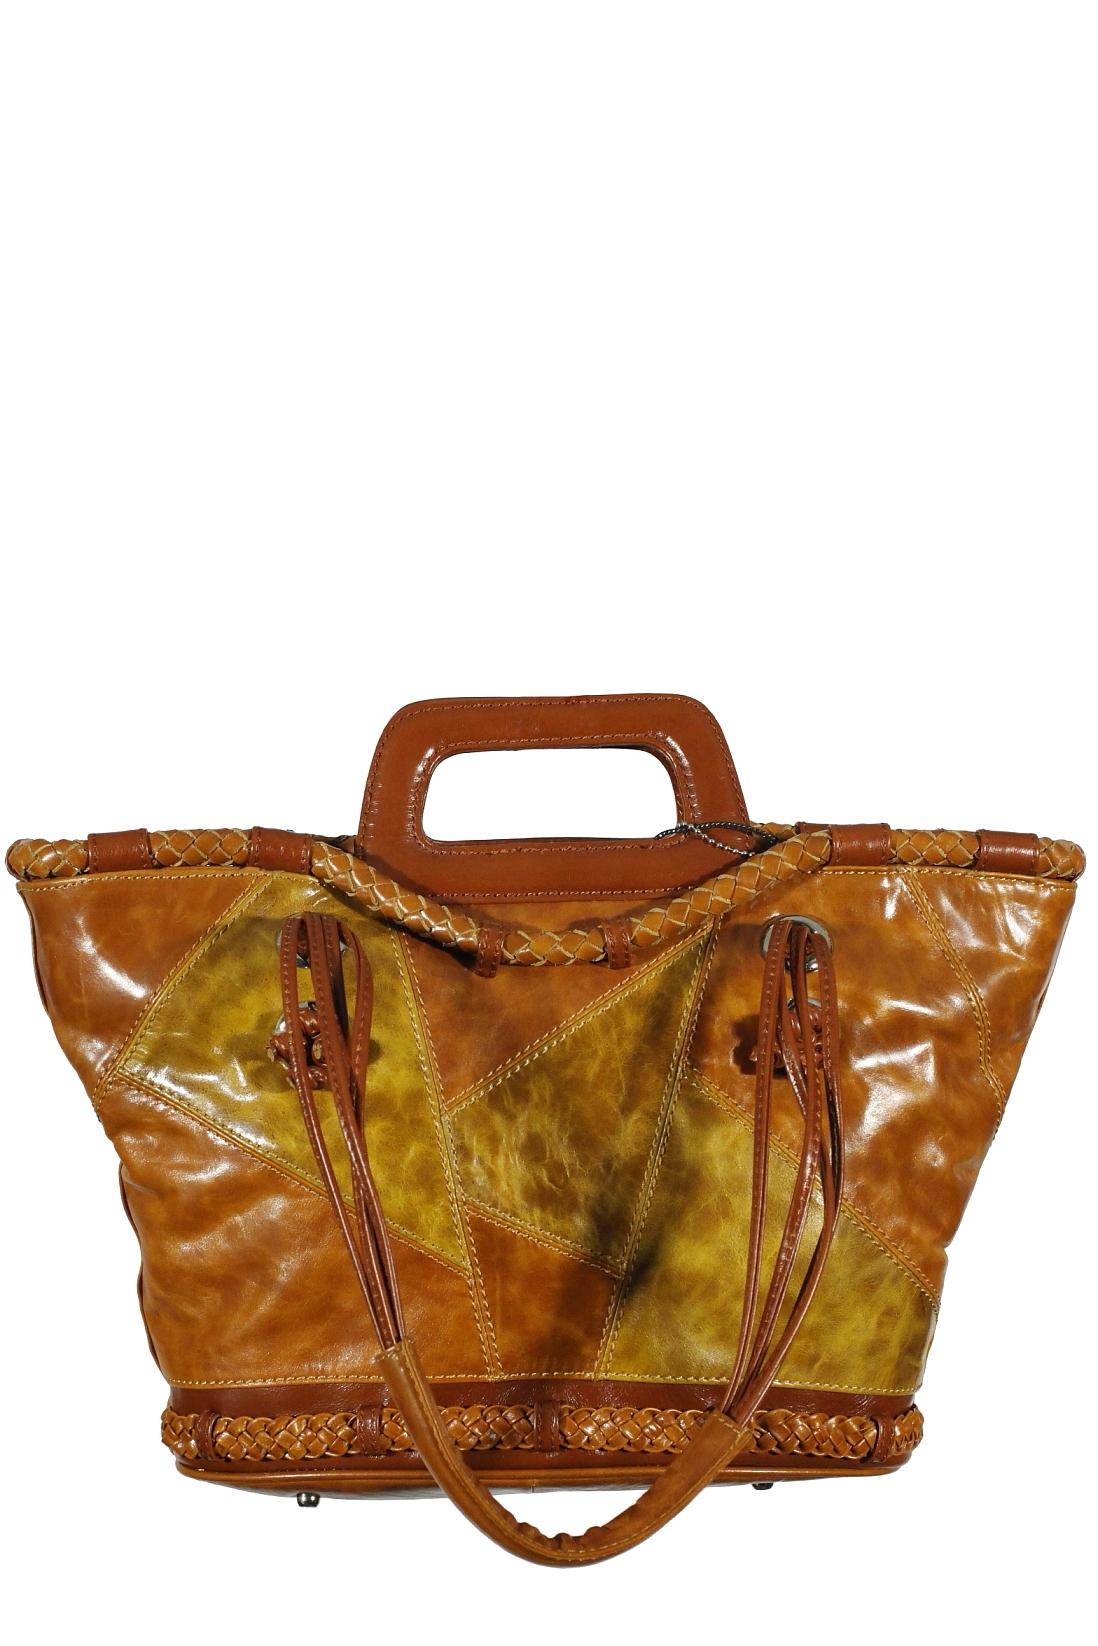 Купить сумку в туле